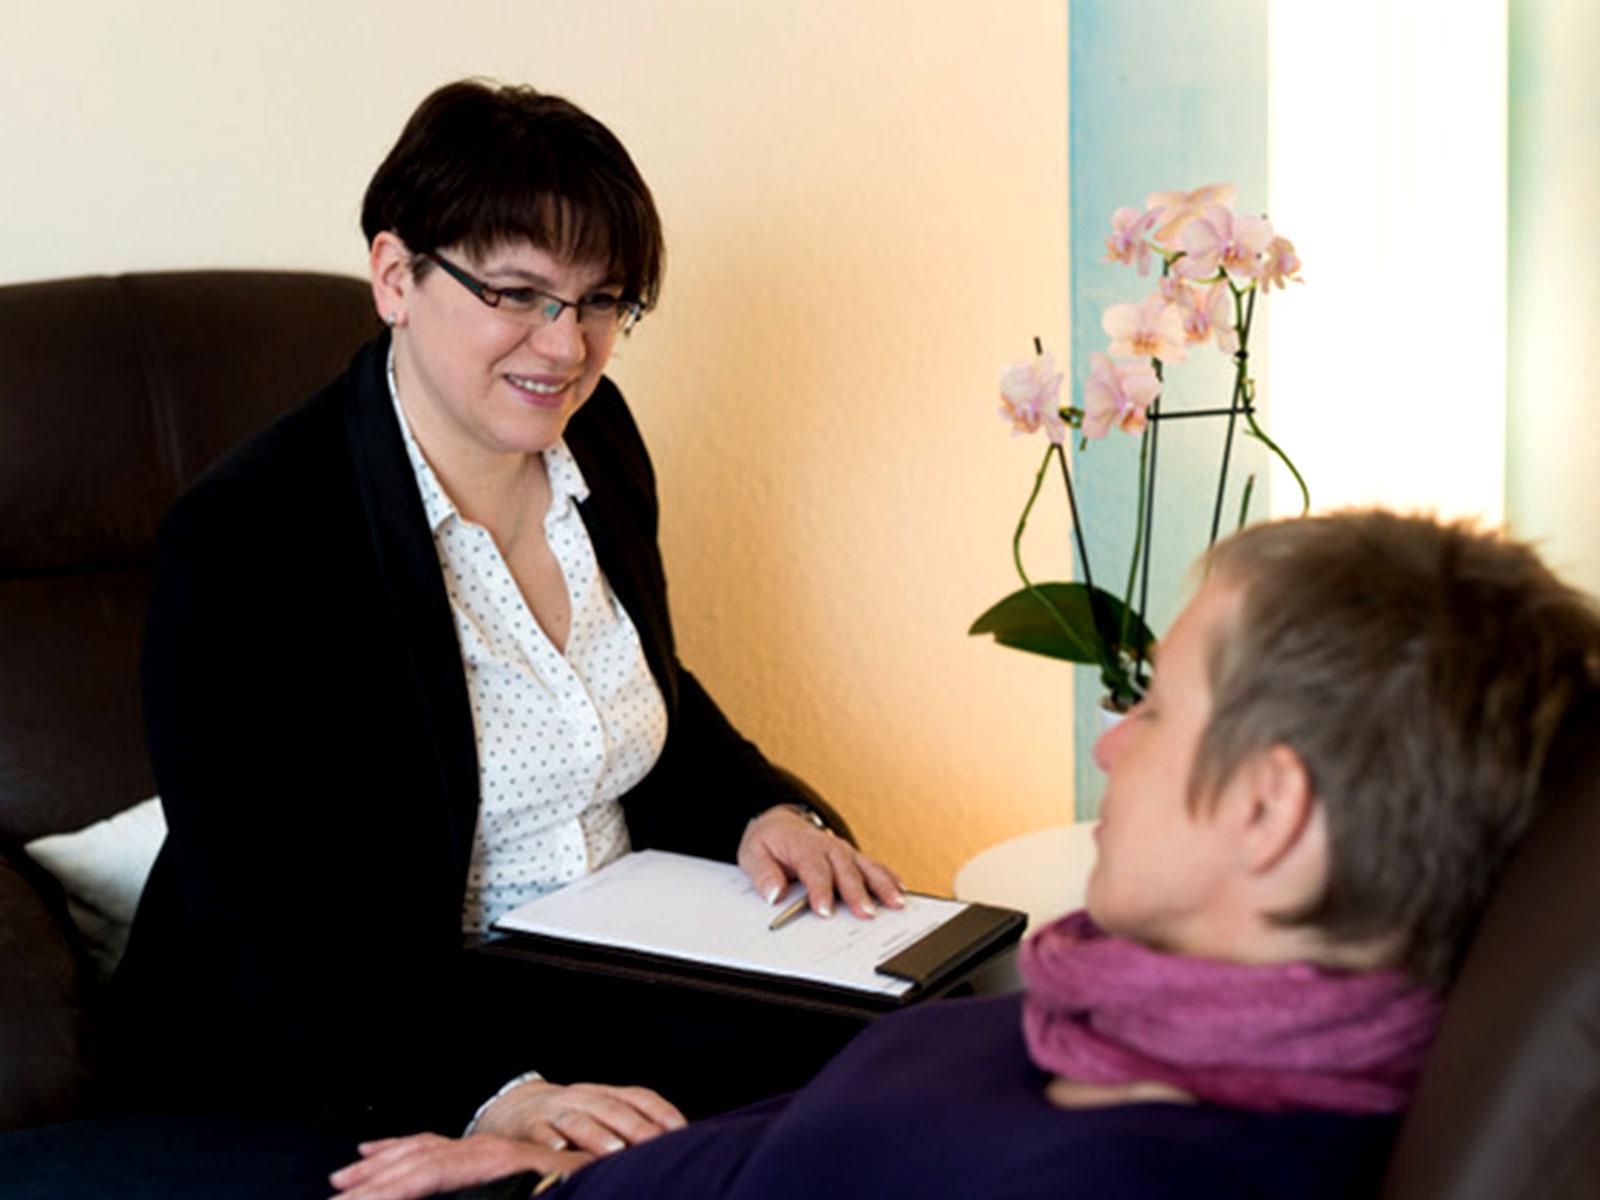 Astrid Krimmel Hypnosetherapie in Fulda